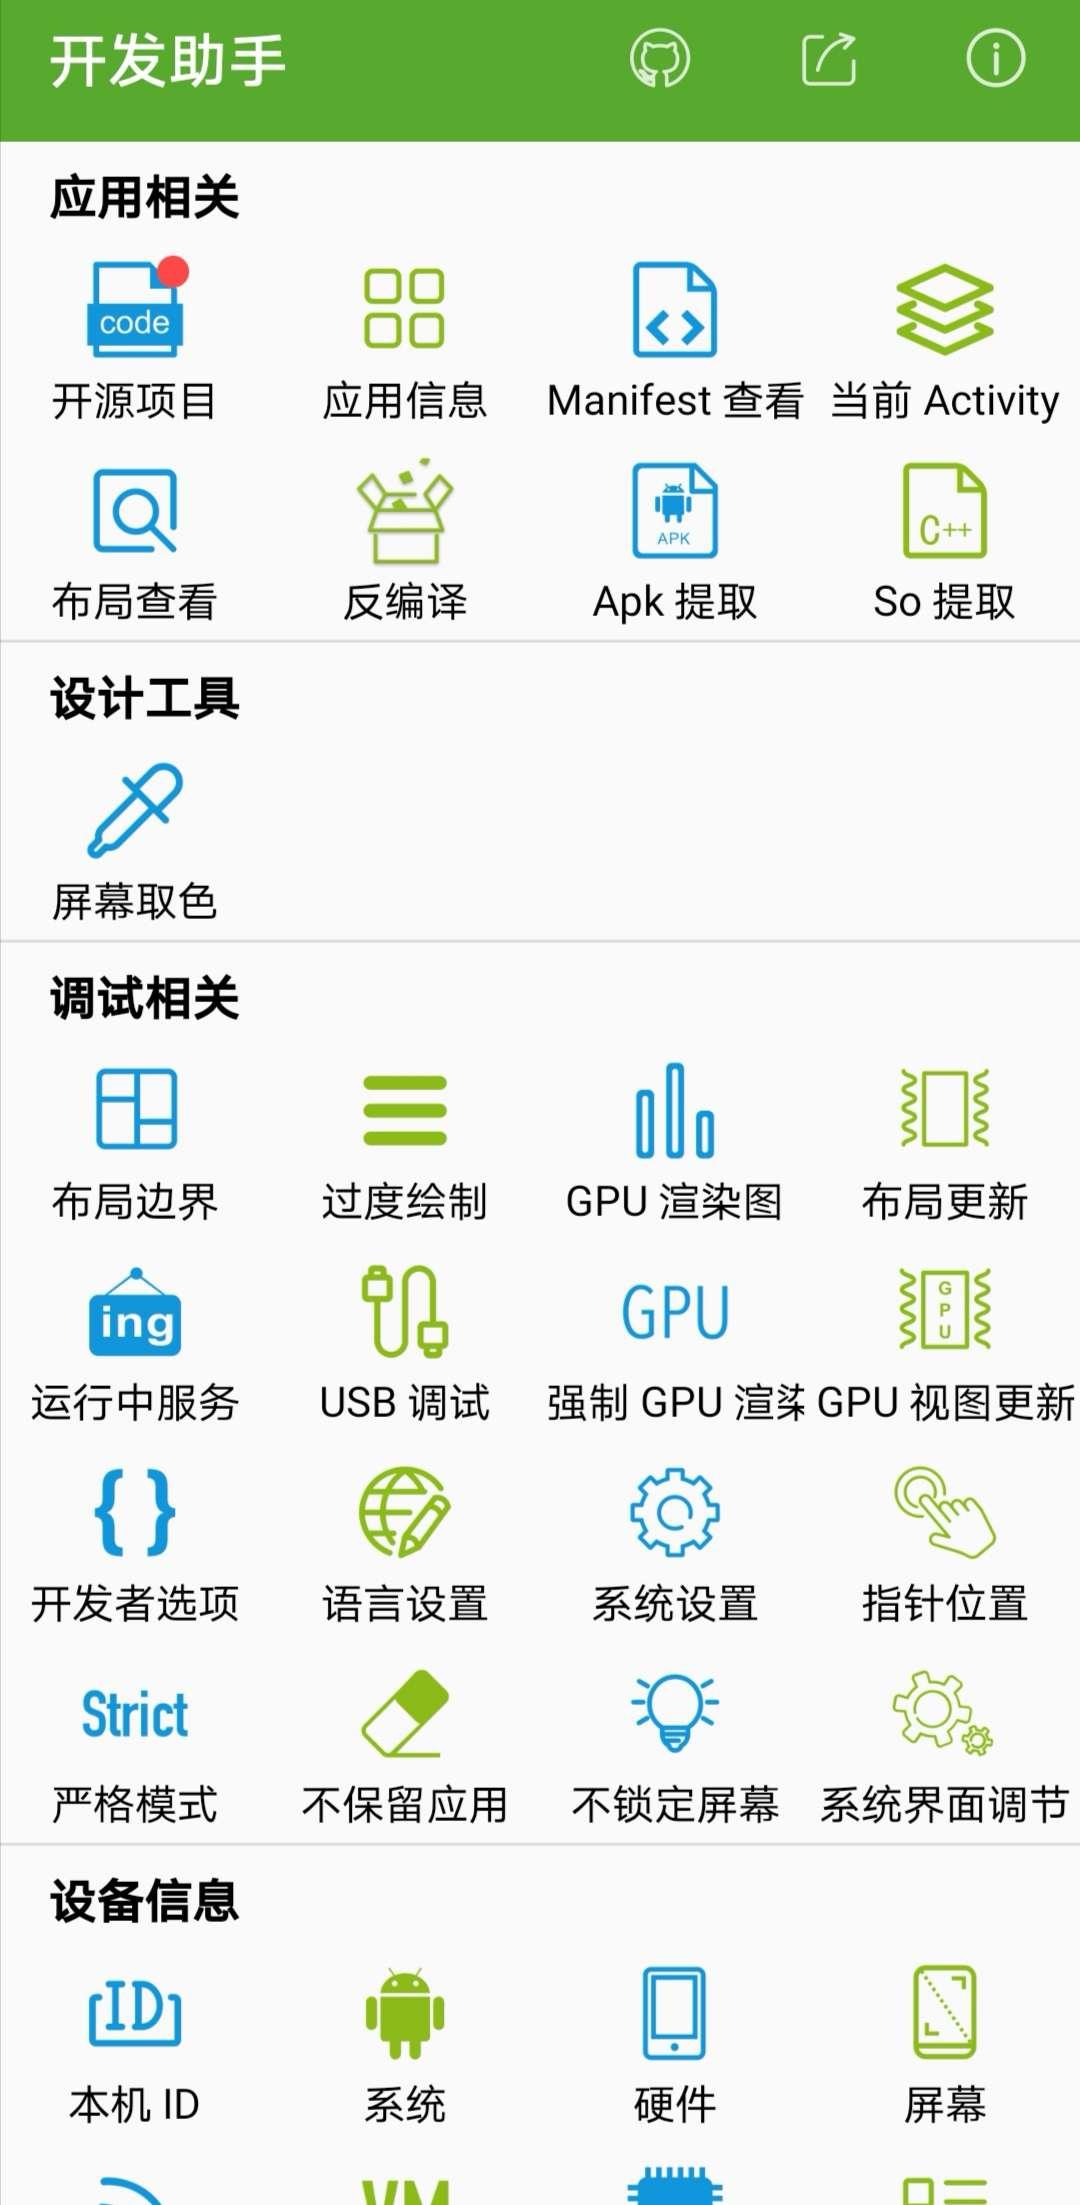 【分享】开发者助手v5.6.1★破解版★反编译★多功能